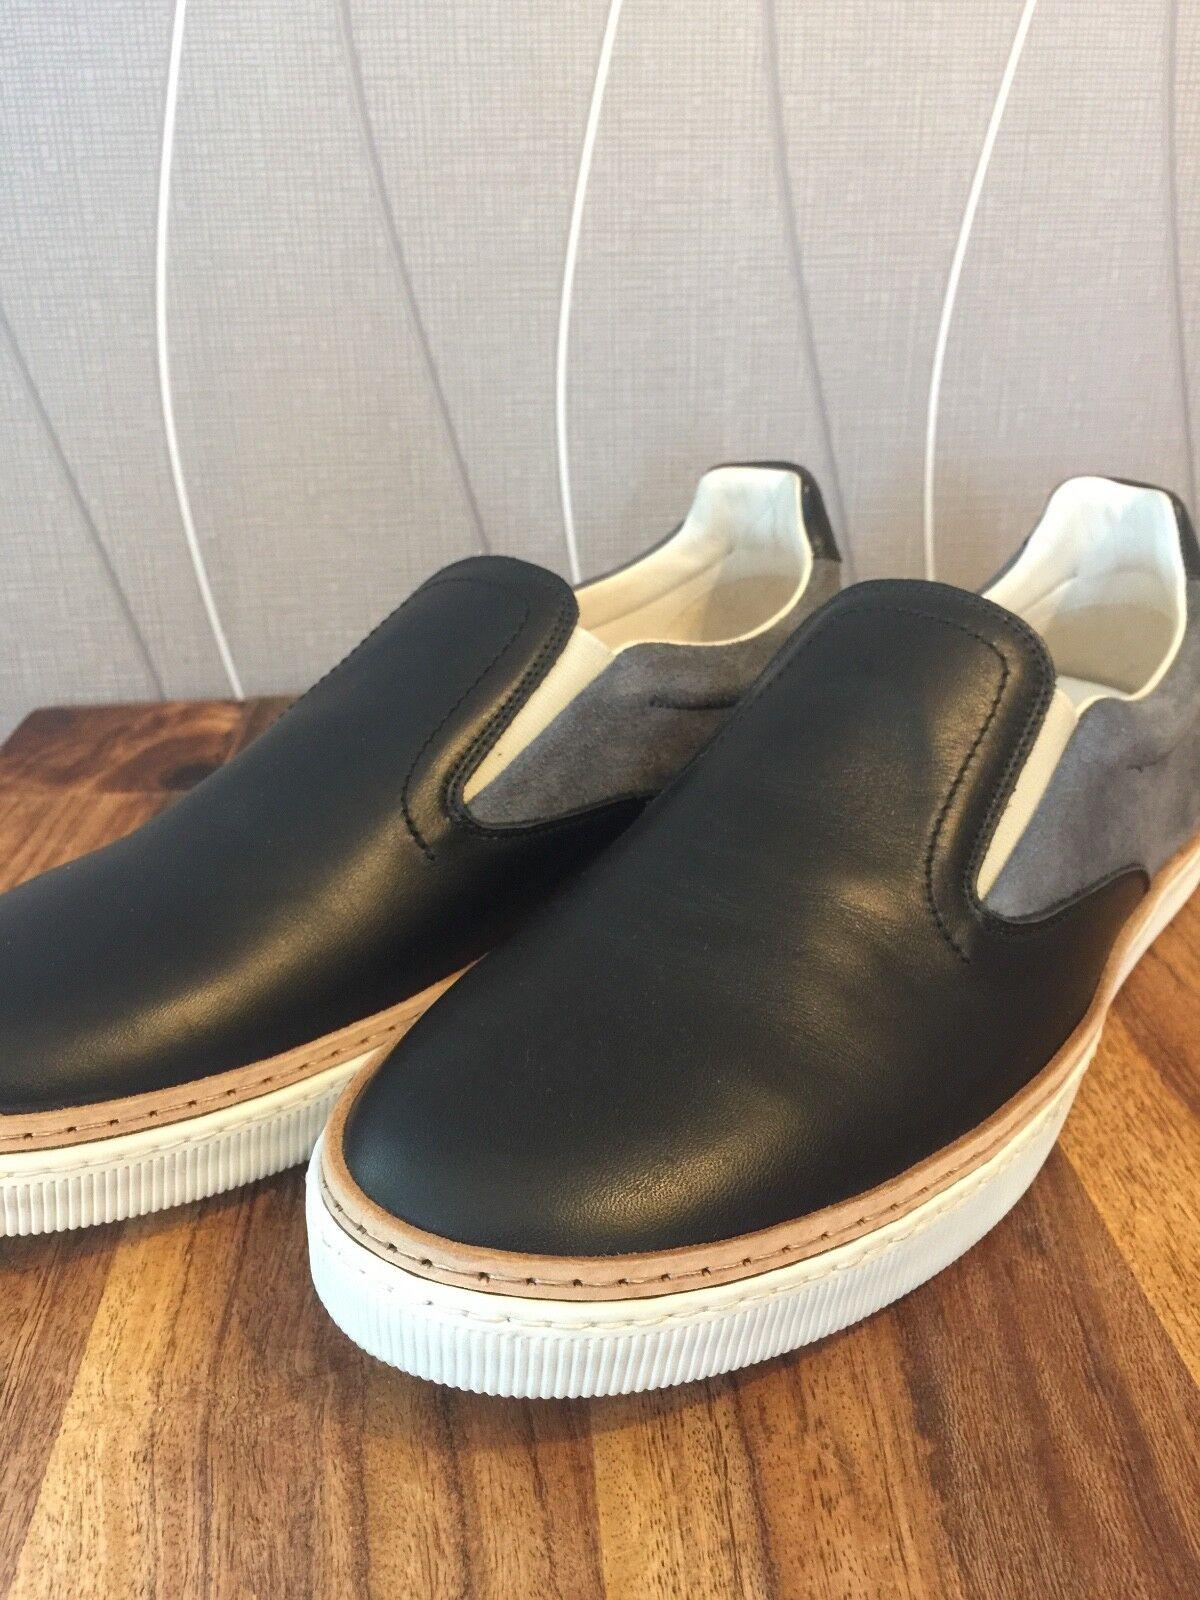 Gommus Herrenschuh, edler Sneaker, Leder (auch Innenschuh)Gr. 43 Neu ohne Karton